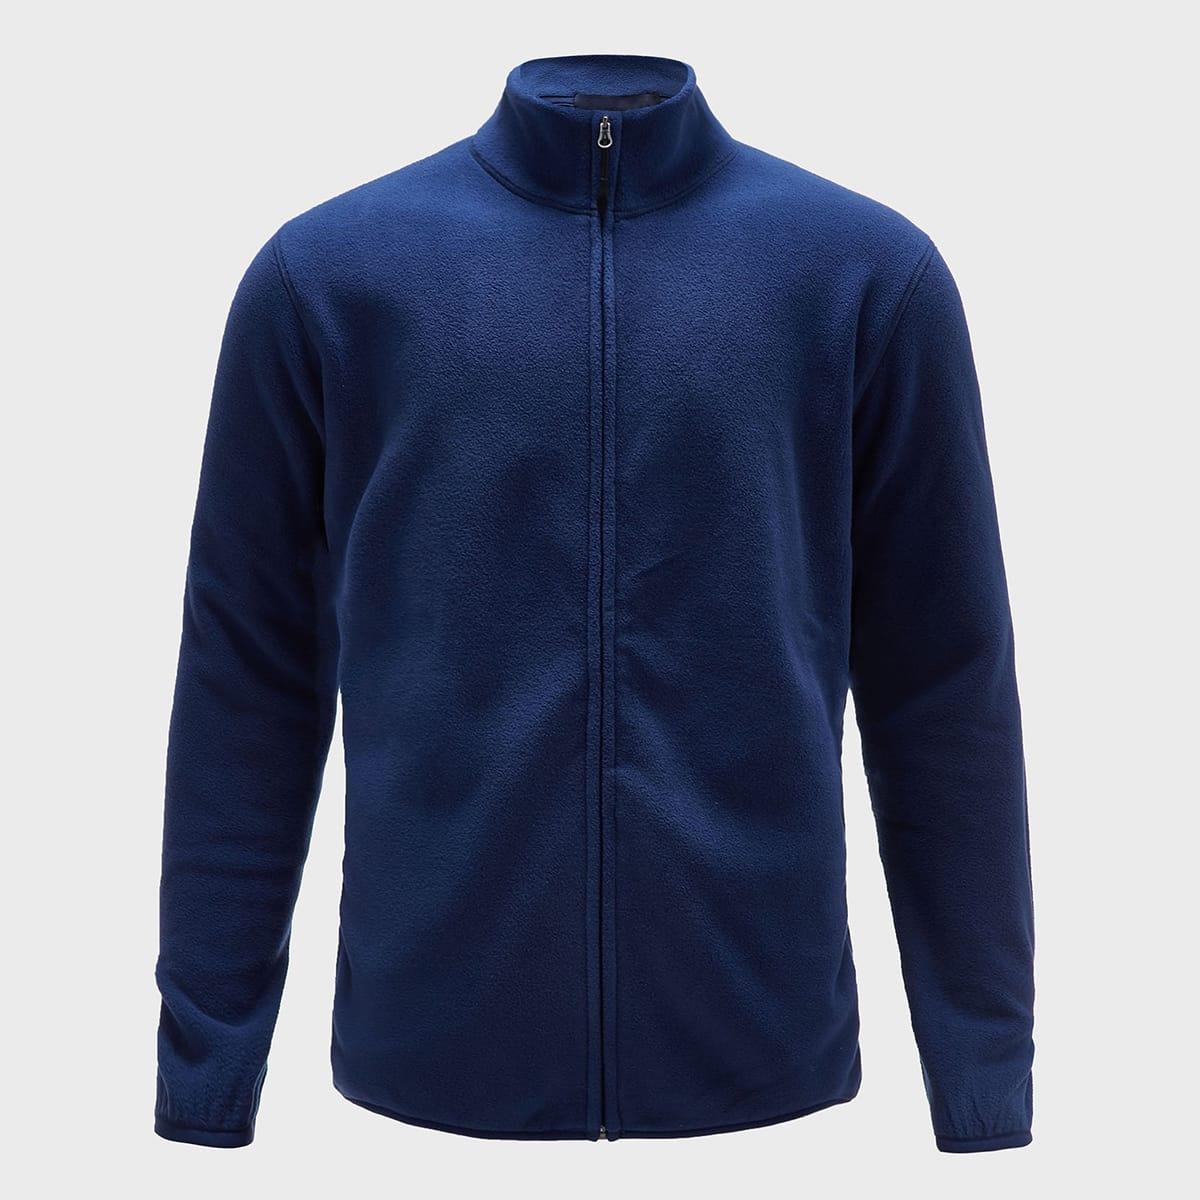 Мужская однотонная спортивная куртка на молнии